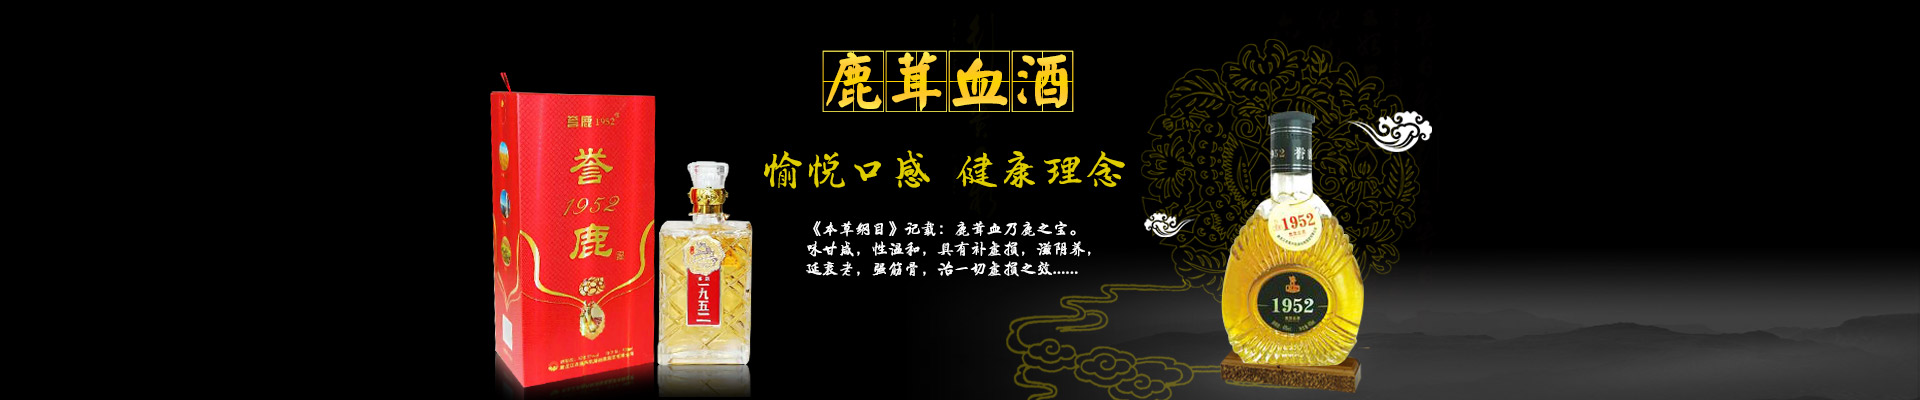 黑龙江农垦兴凯湖裕鹿集团有限公司